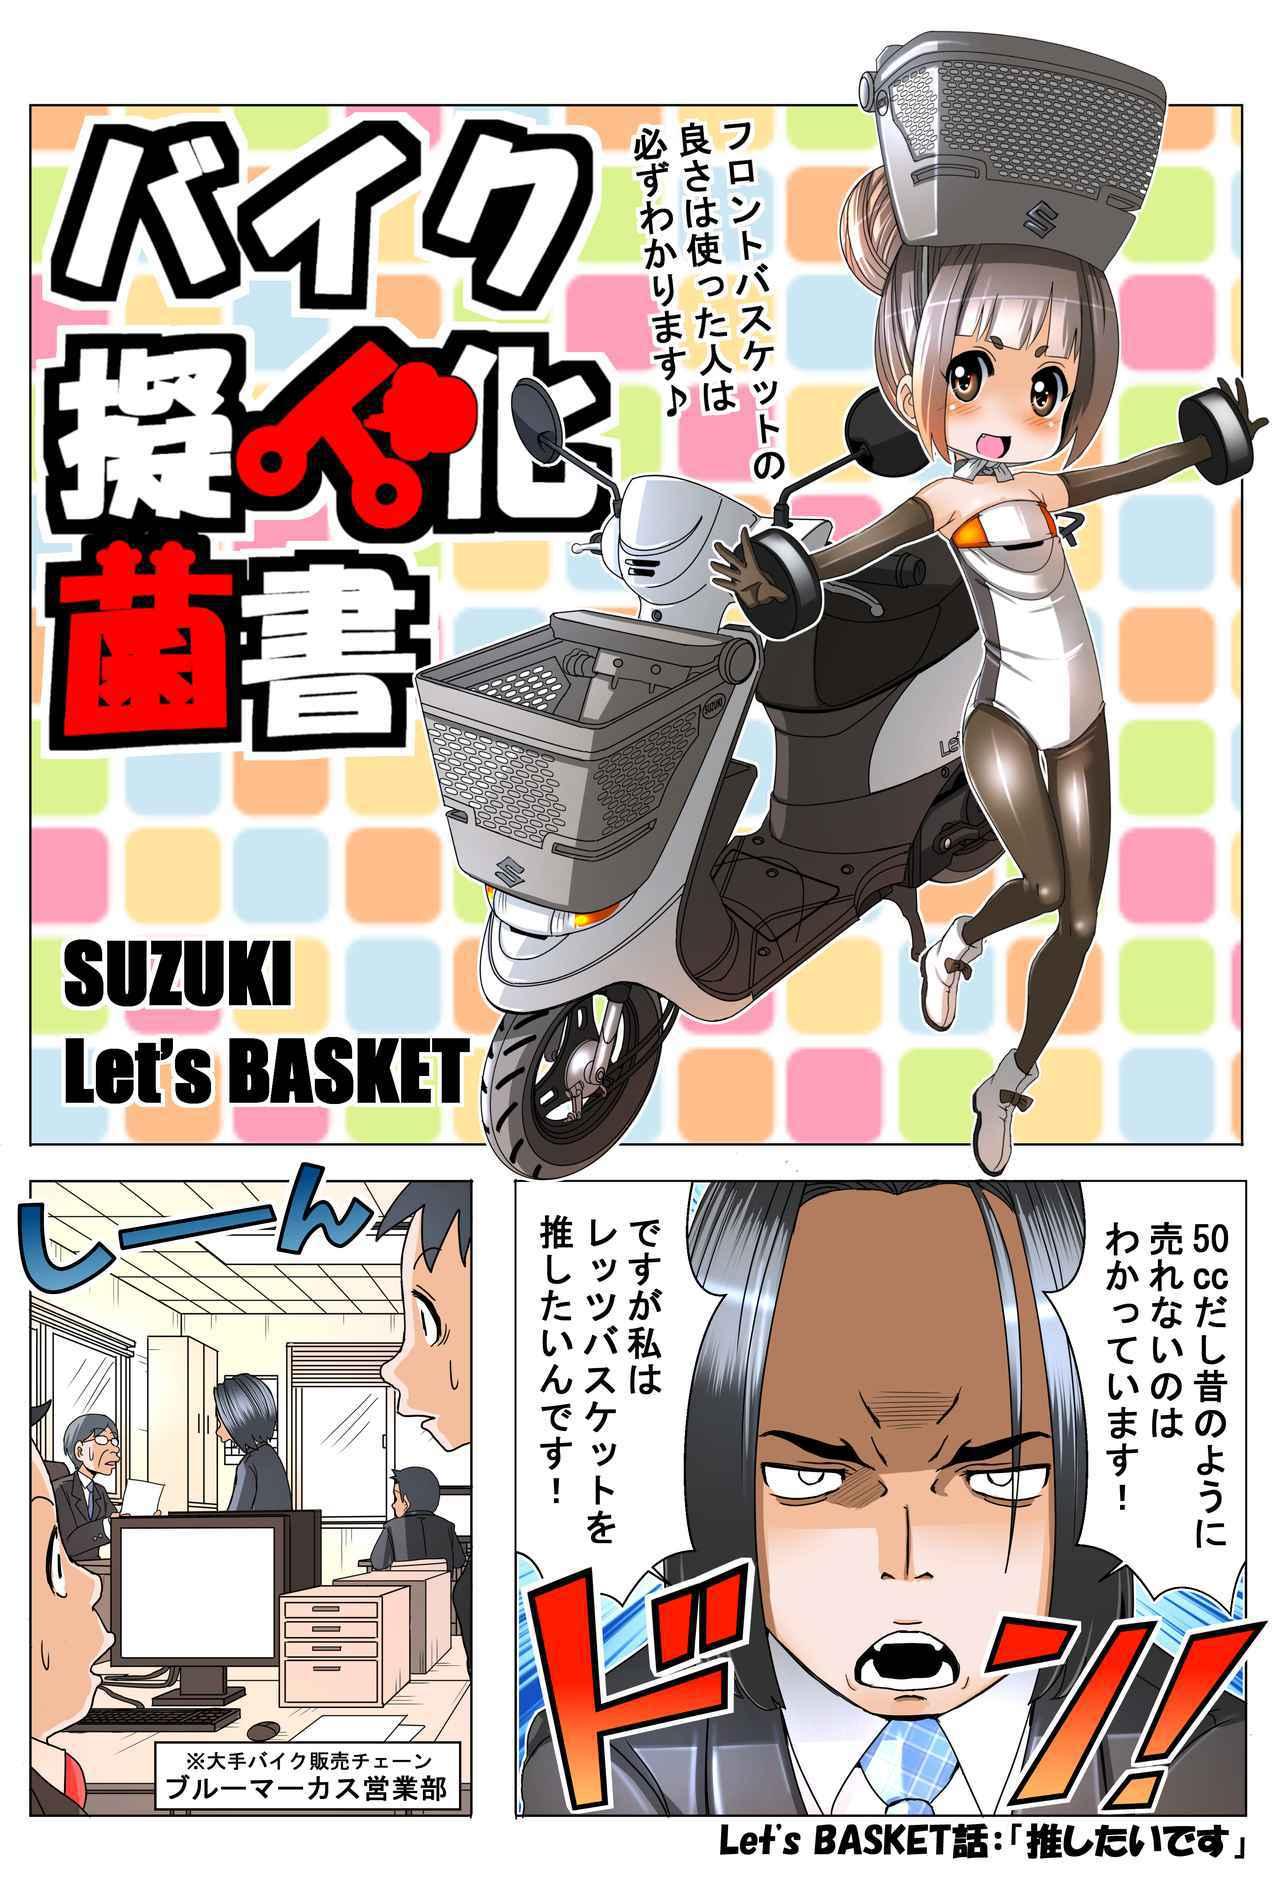 画像1: 『バイク擬人化菌書』Let's BASKET 話「推したいです」 作:鈴木秀吉